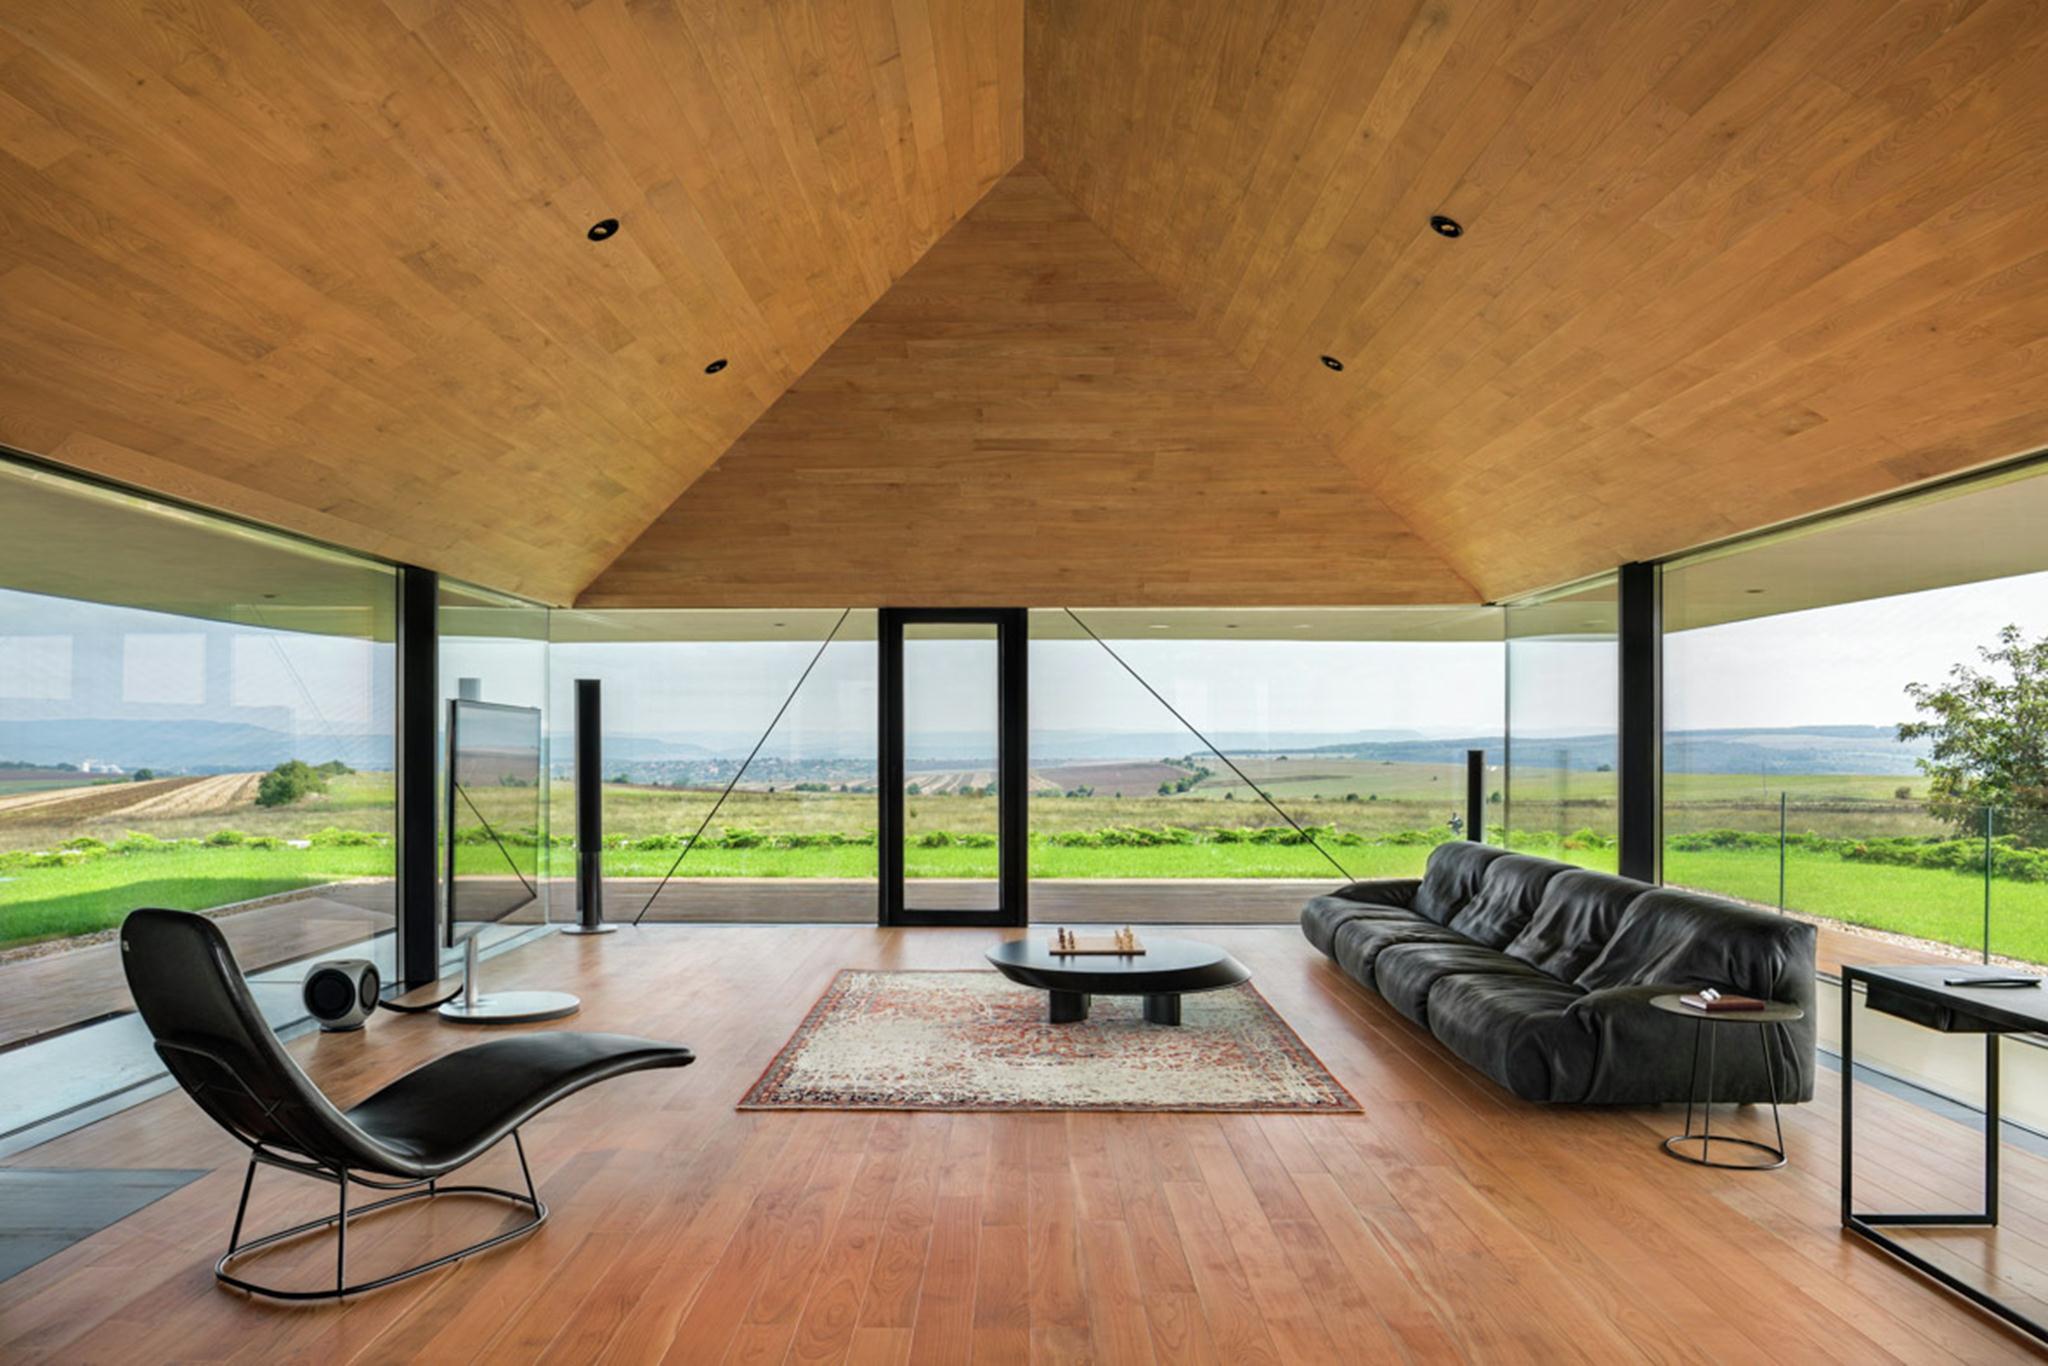 Gỗ là vật liệu chính cho nội thất căn nhà.